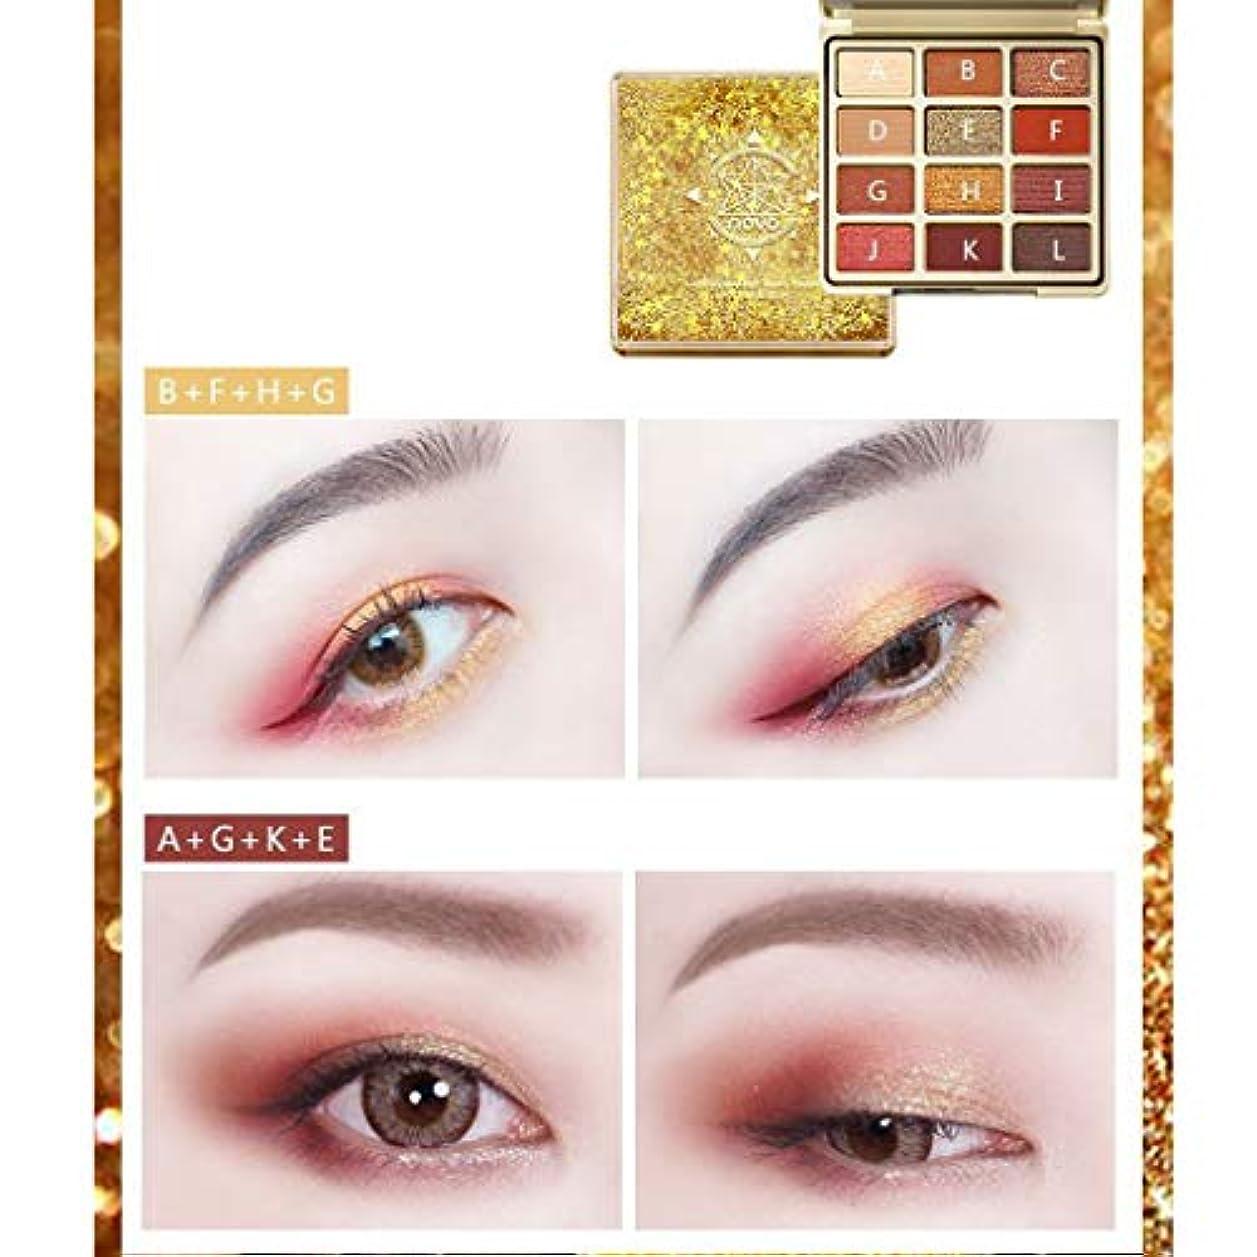 賃金宇宙封筒Akane アイシャドウパレット Novo ファッション INS 人気 超綺麗 美しい キラキラ 優雅な 防水 魅力的 高級 可愛い 持ち便利 日常 Eye Shadow (12色) 103